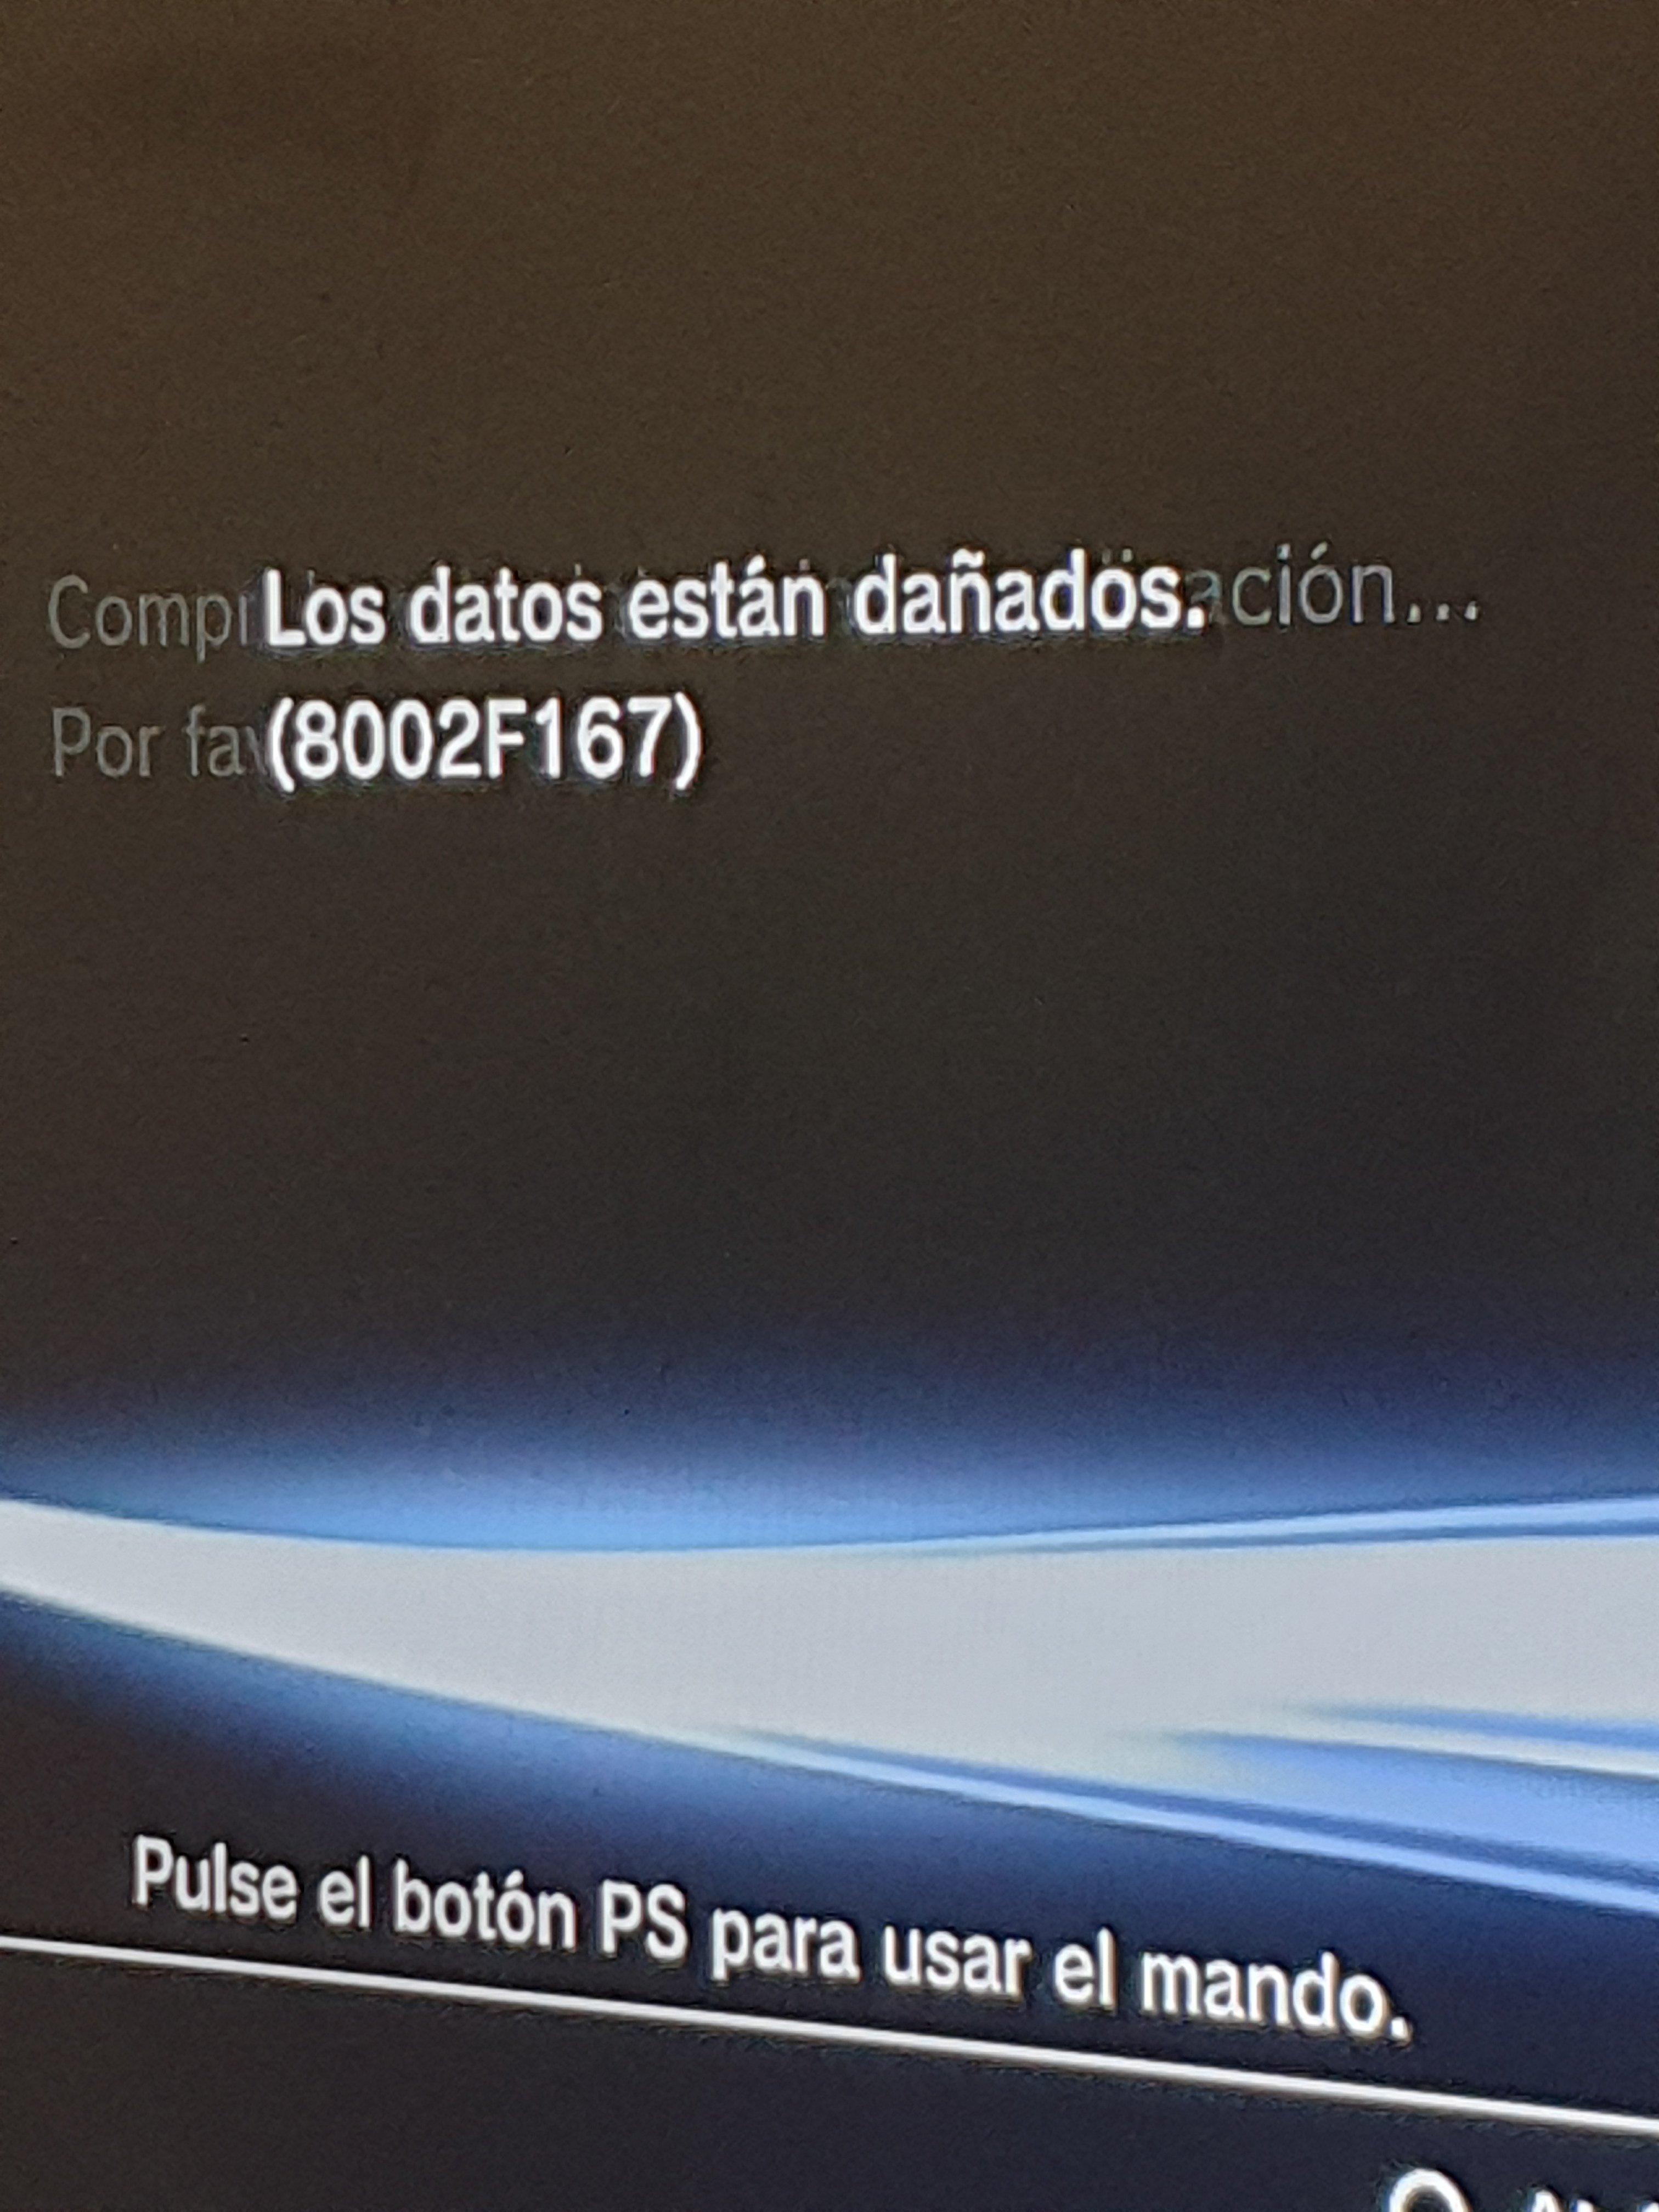 20190824_193344.jpg